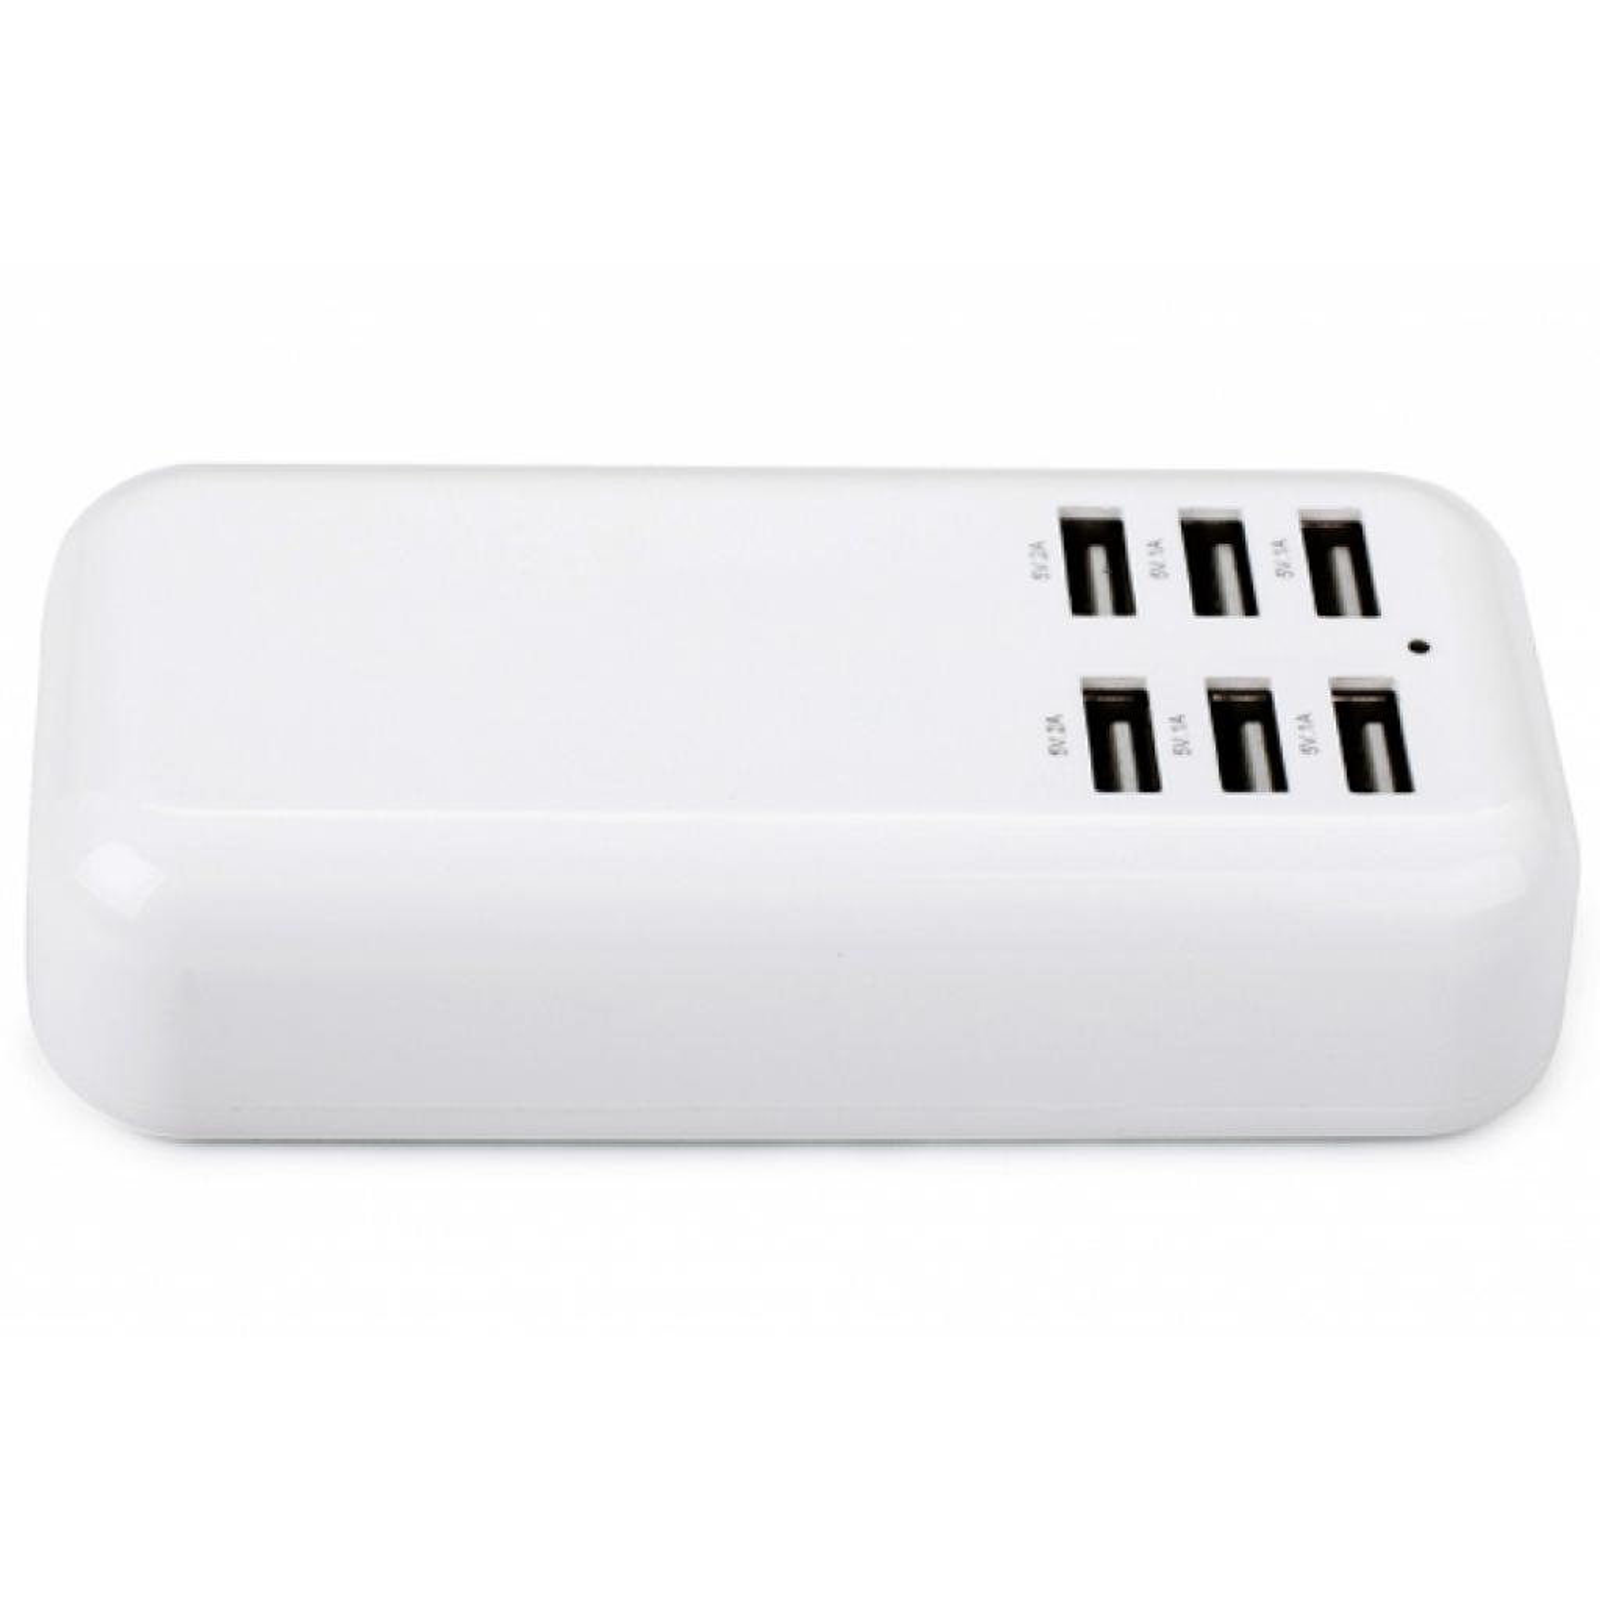 Зарядное устройство Drobak Multi Power 6*USB 6A (905320) изображение 2